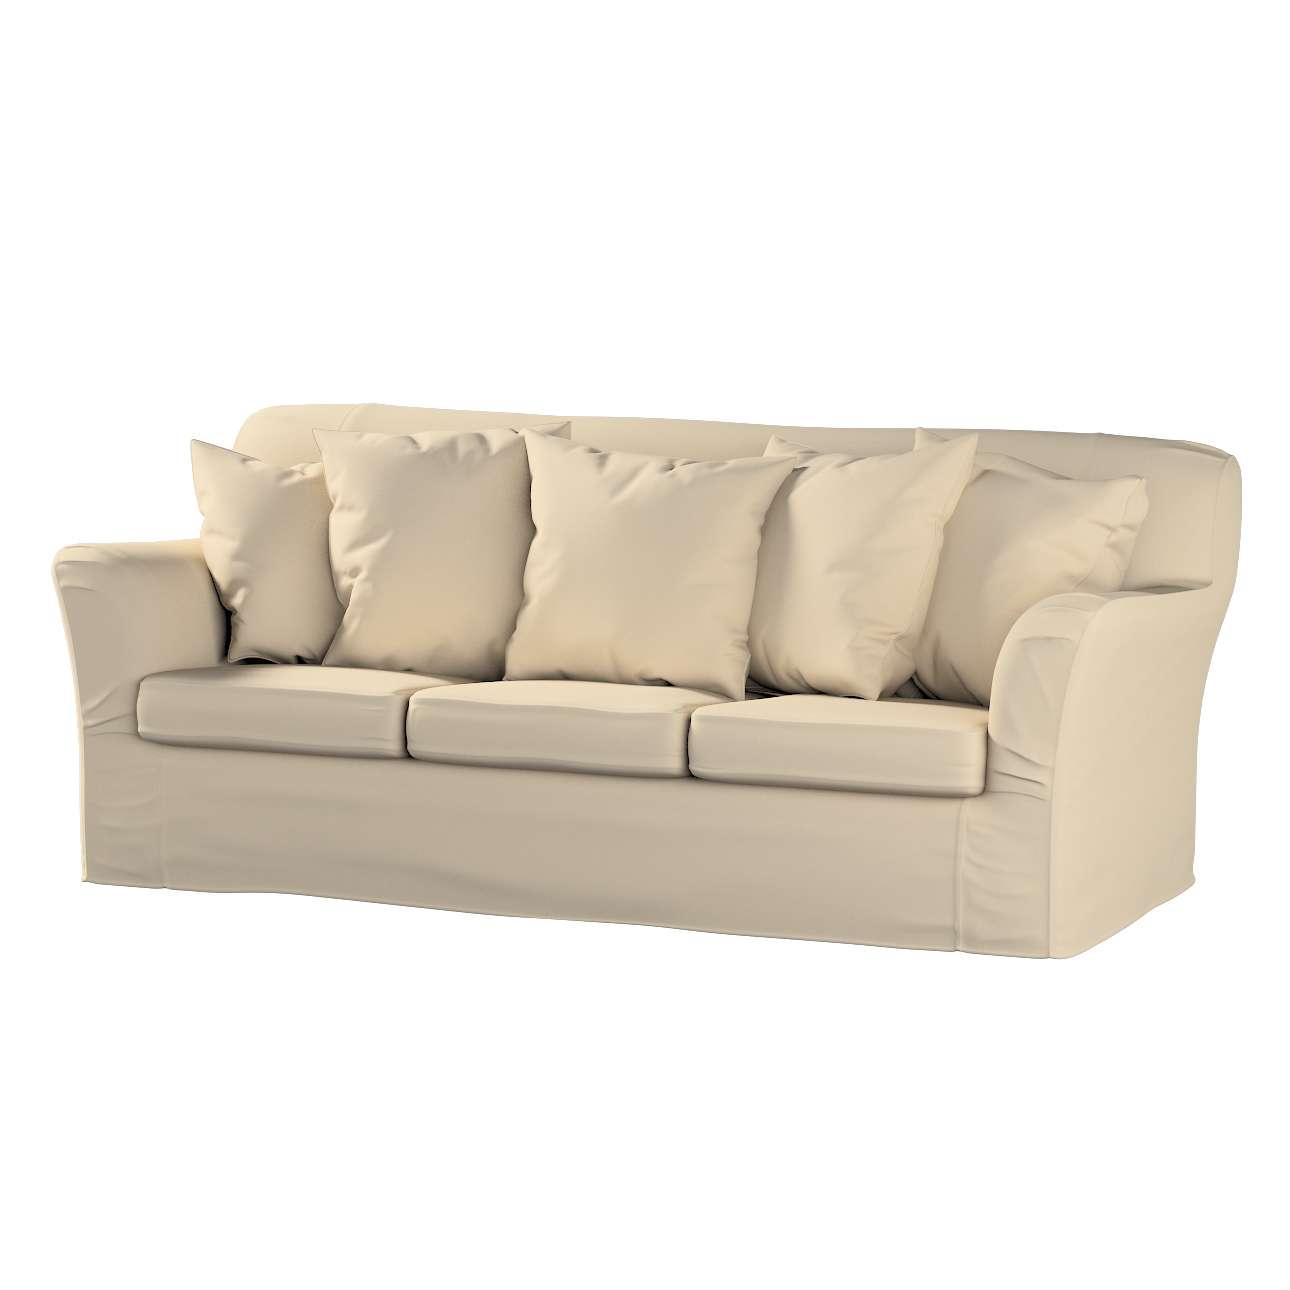 Pokrowiec na sofę Tomelilla 3-osobową nierozkładaną Sofa Tomelilla 3-osobowa w kolekcji Cotton Panama, tkanina: 702-01